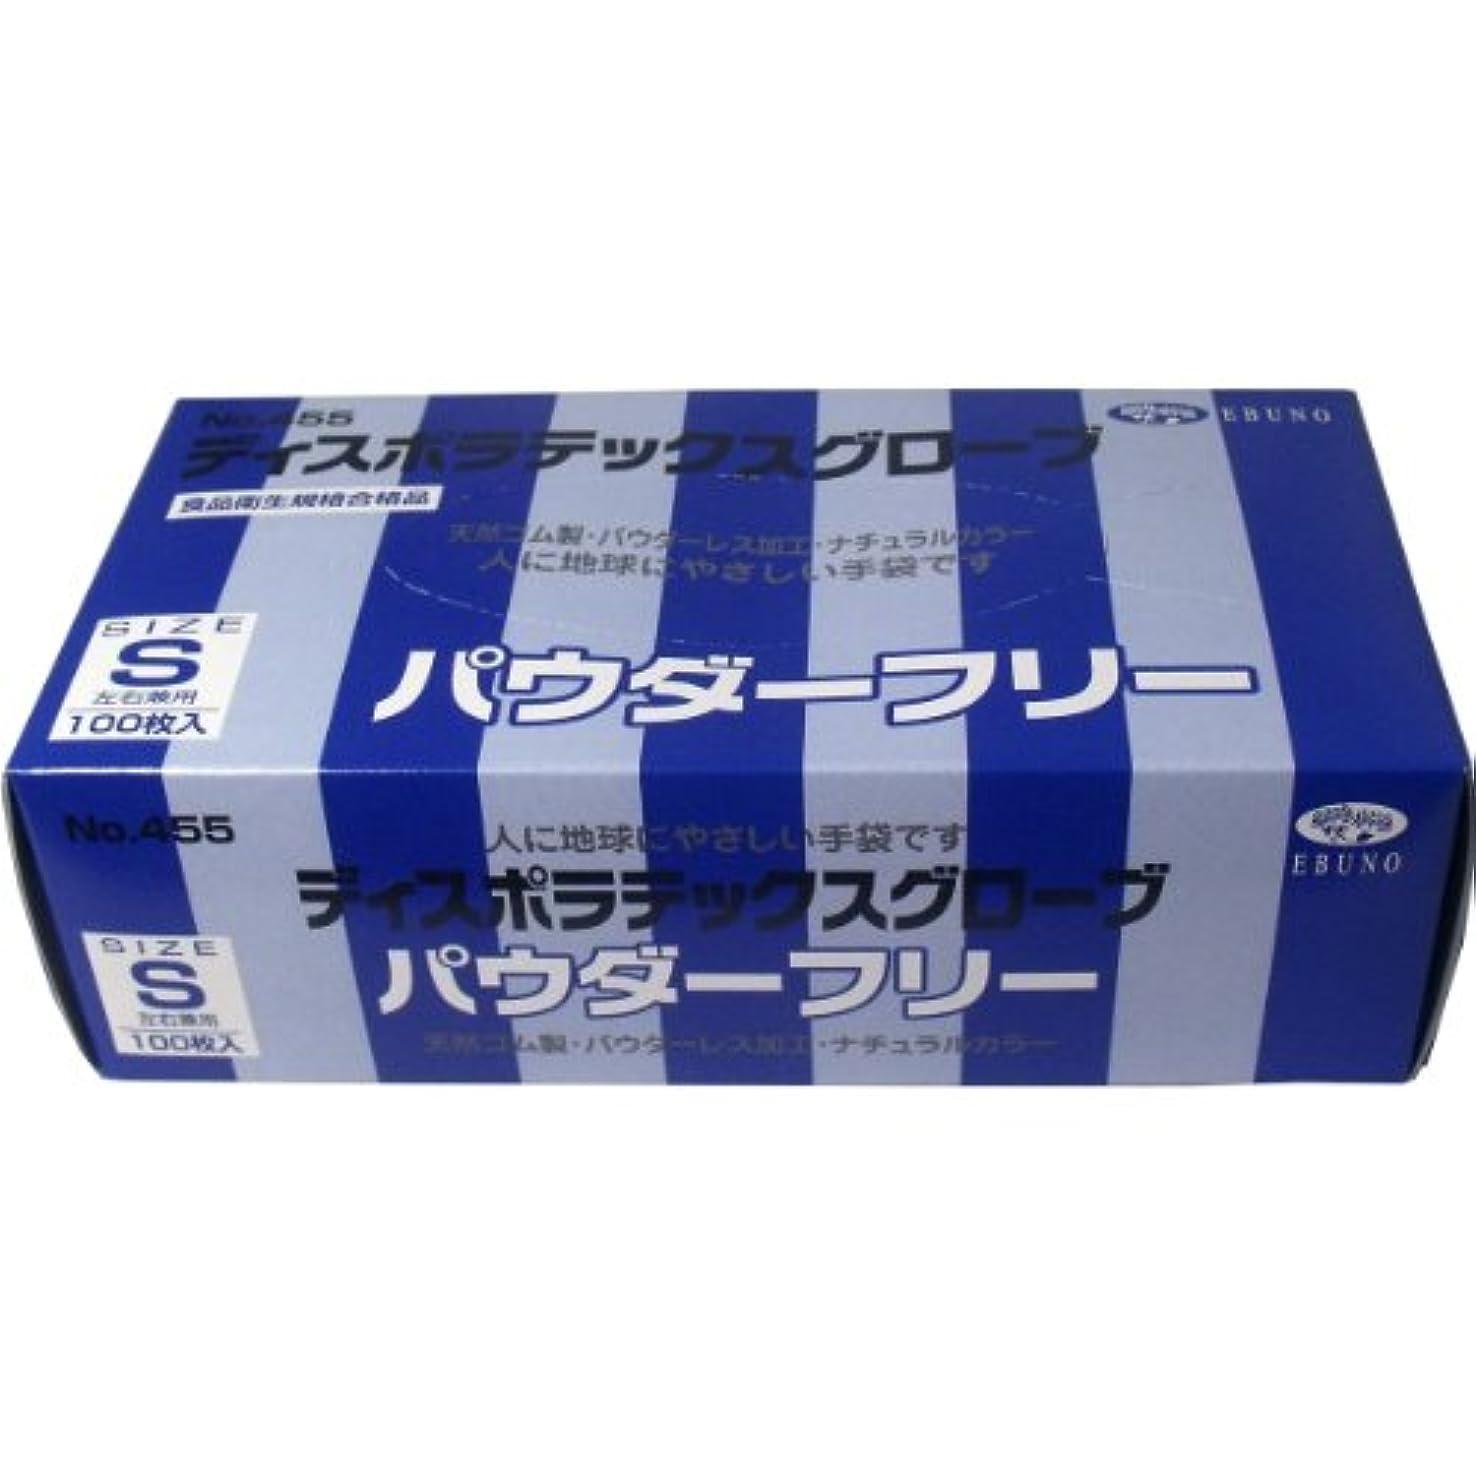 罰フォーカス醸造所ディスポ ラテックスグローブ(天然ゴム手袋) パウダーフリー Sサイズ 100枚入 ×3個セット